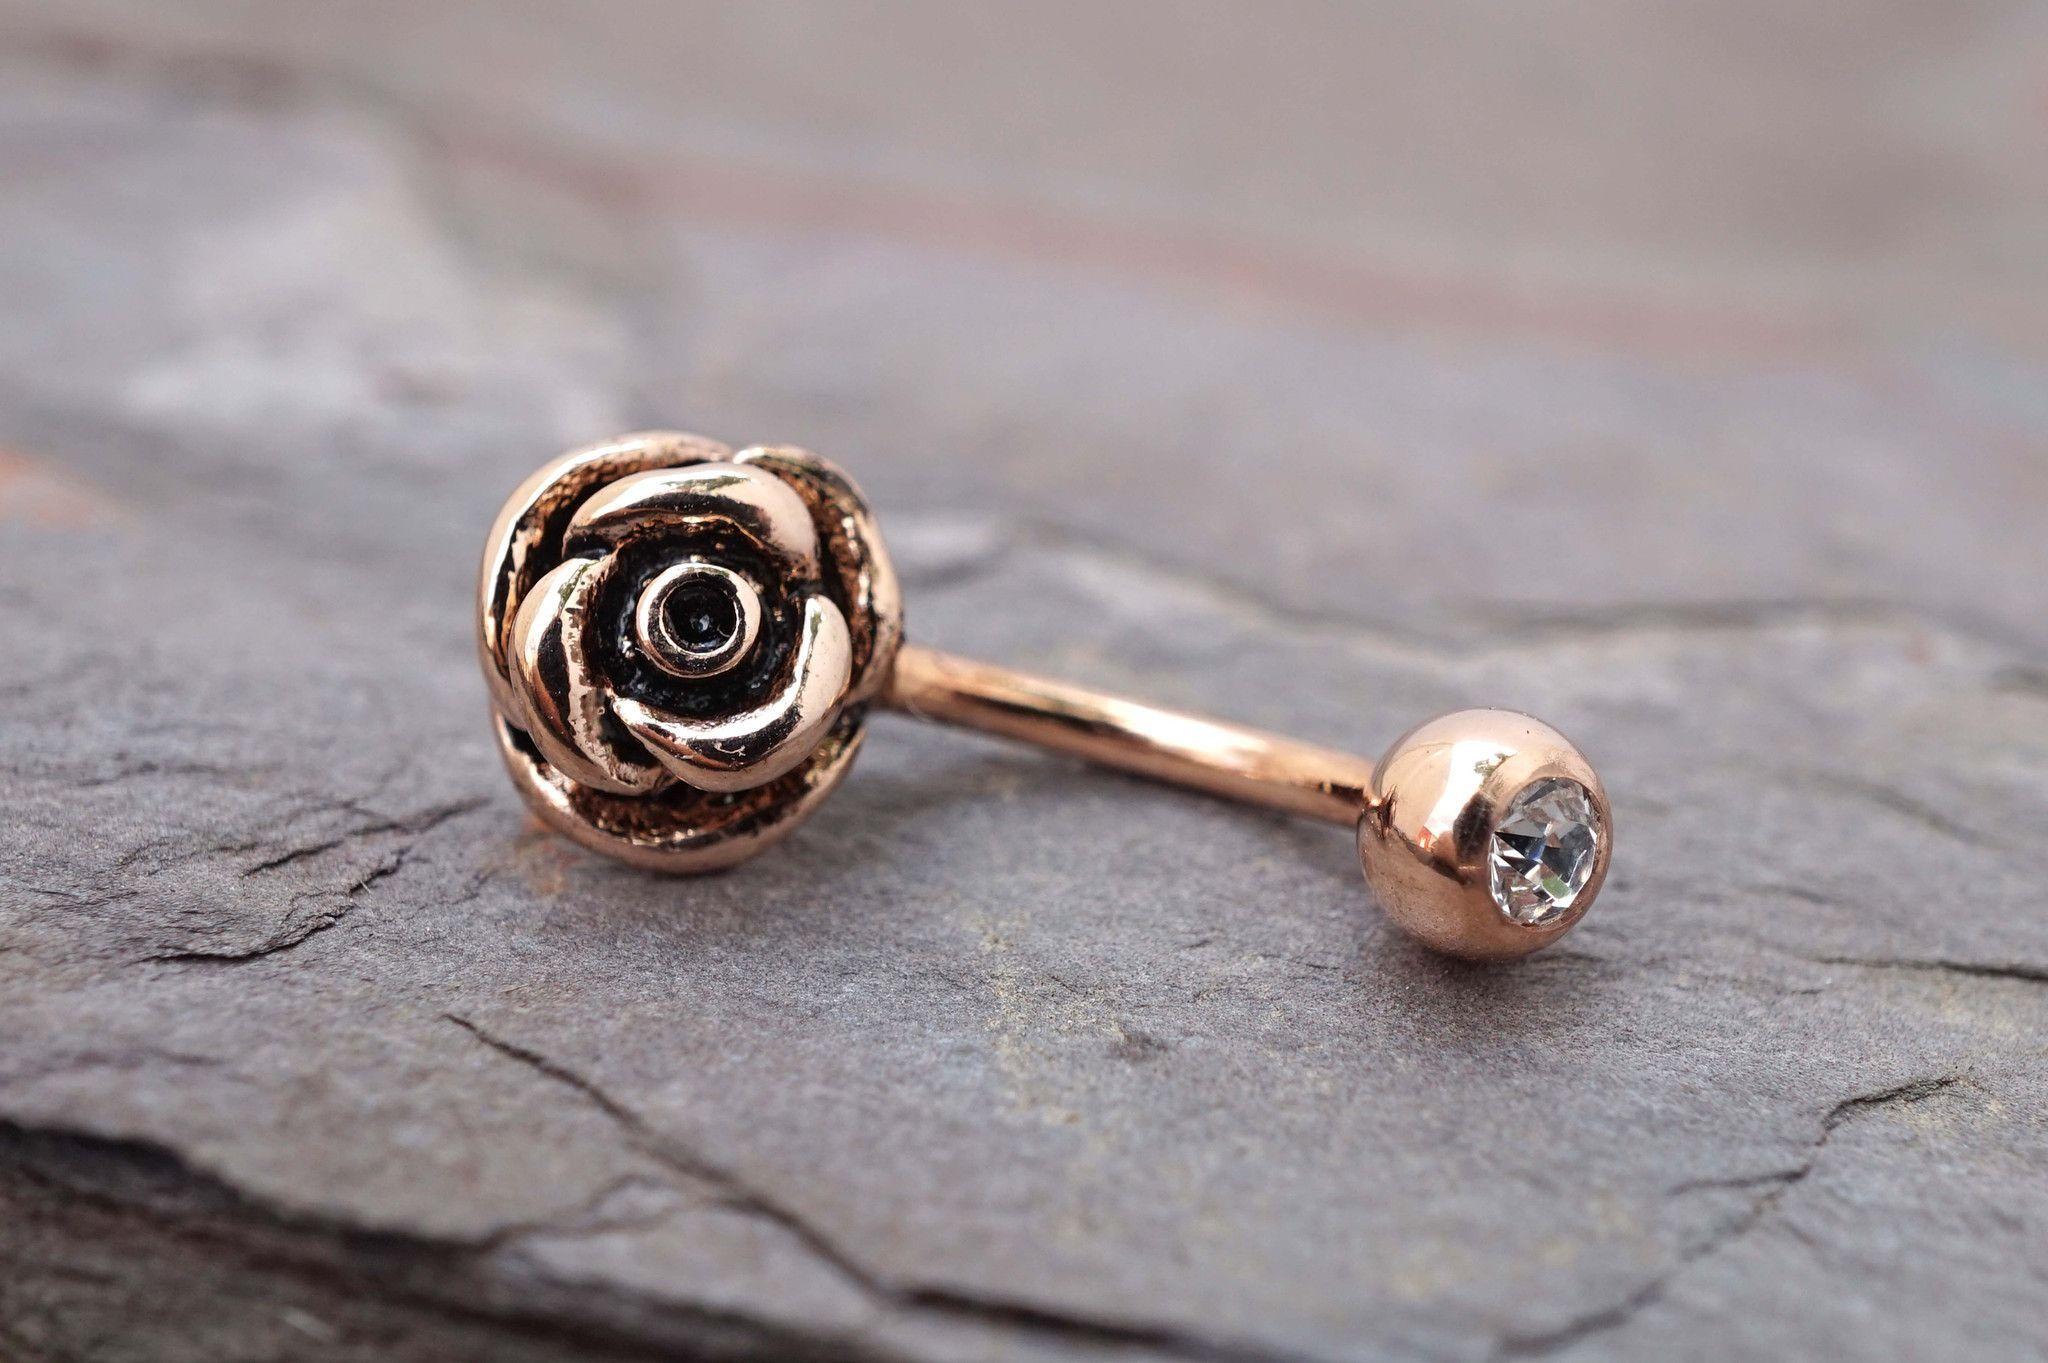 16 Gauge Tiny Pearl Rose Rook Eyebrow